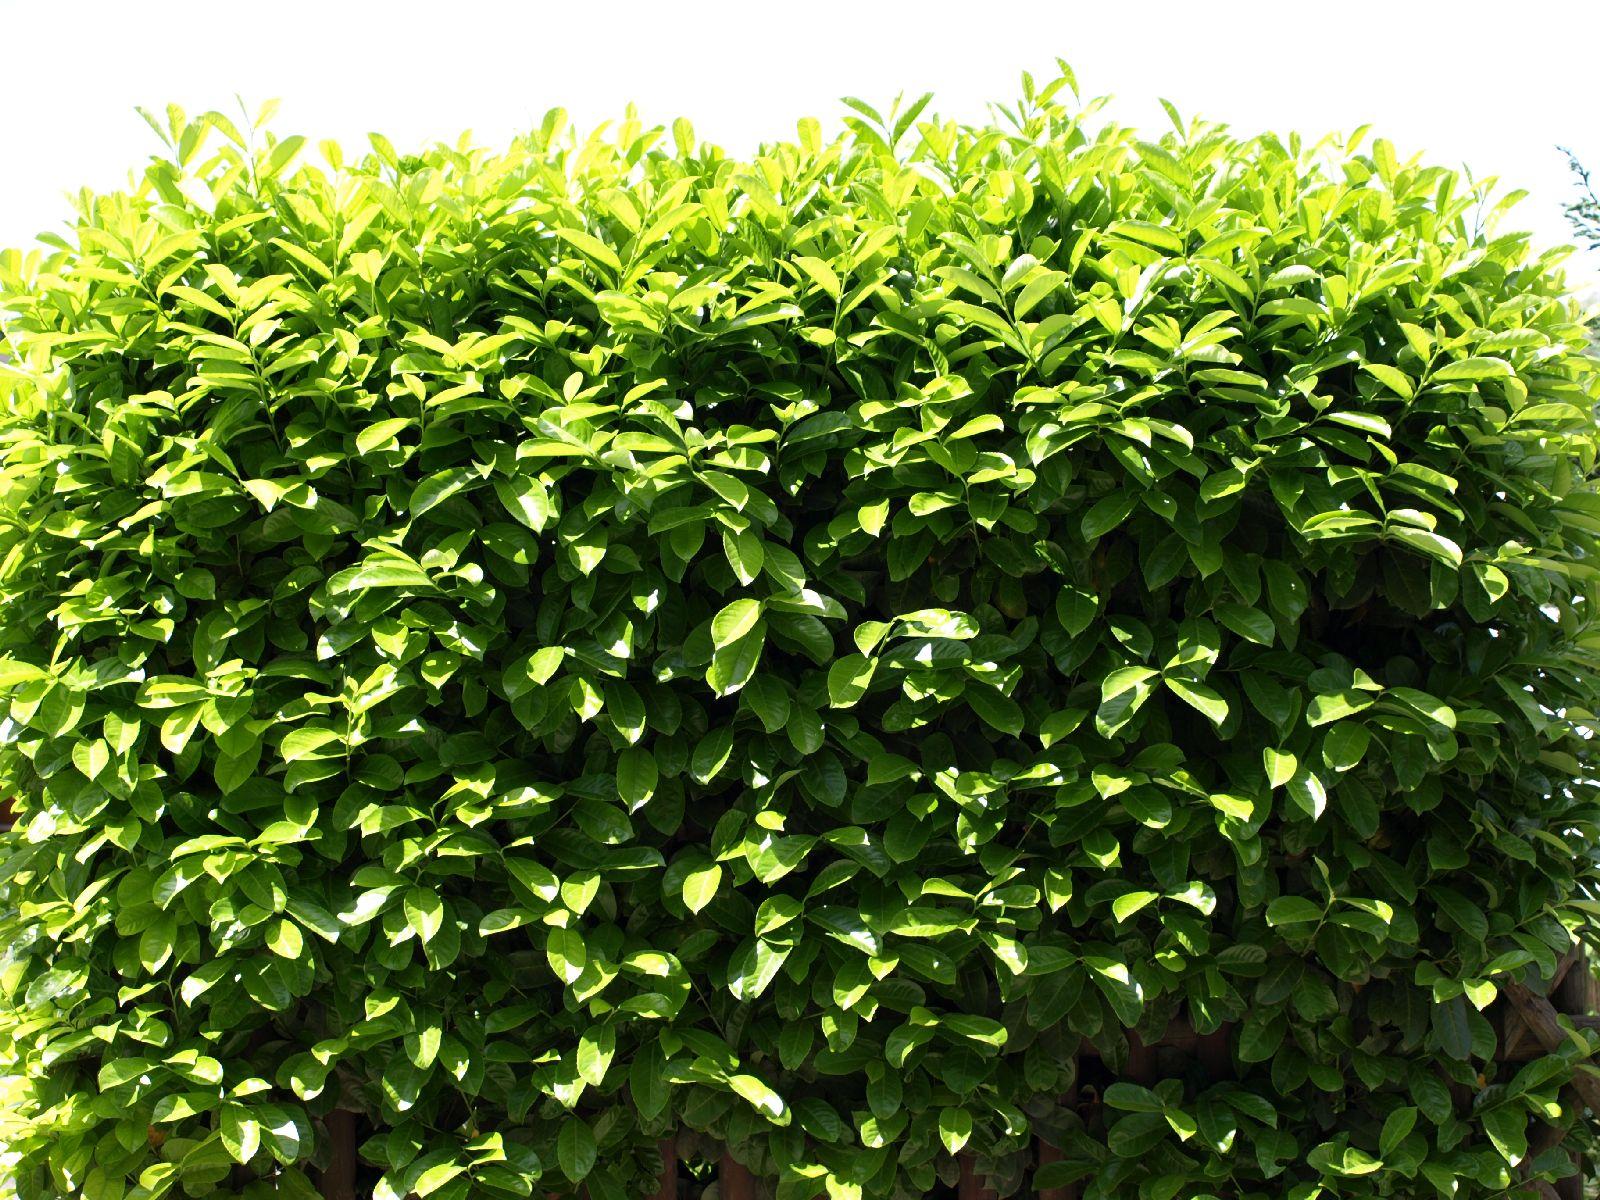 Pflanzen-Hecken-Foto_Textur_B_P6013231